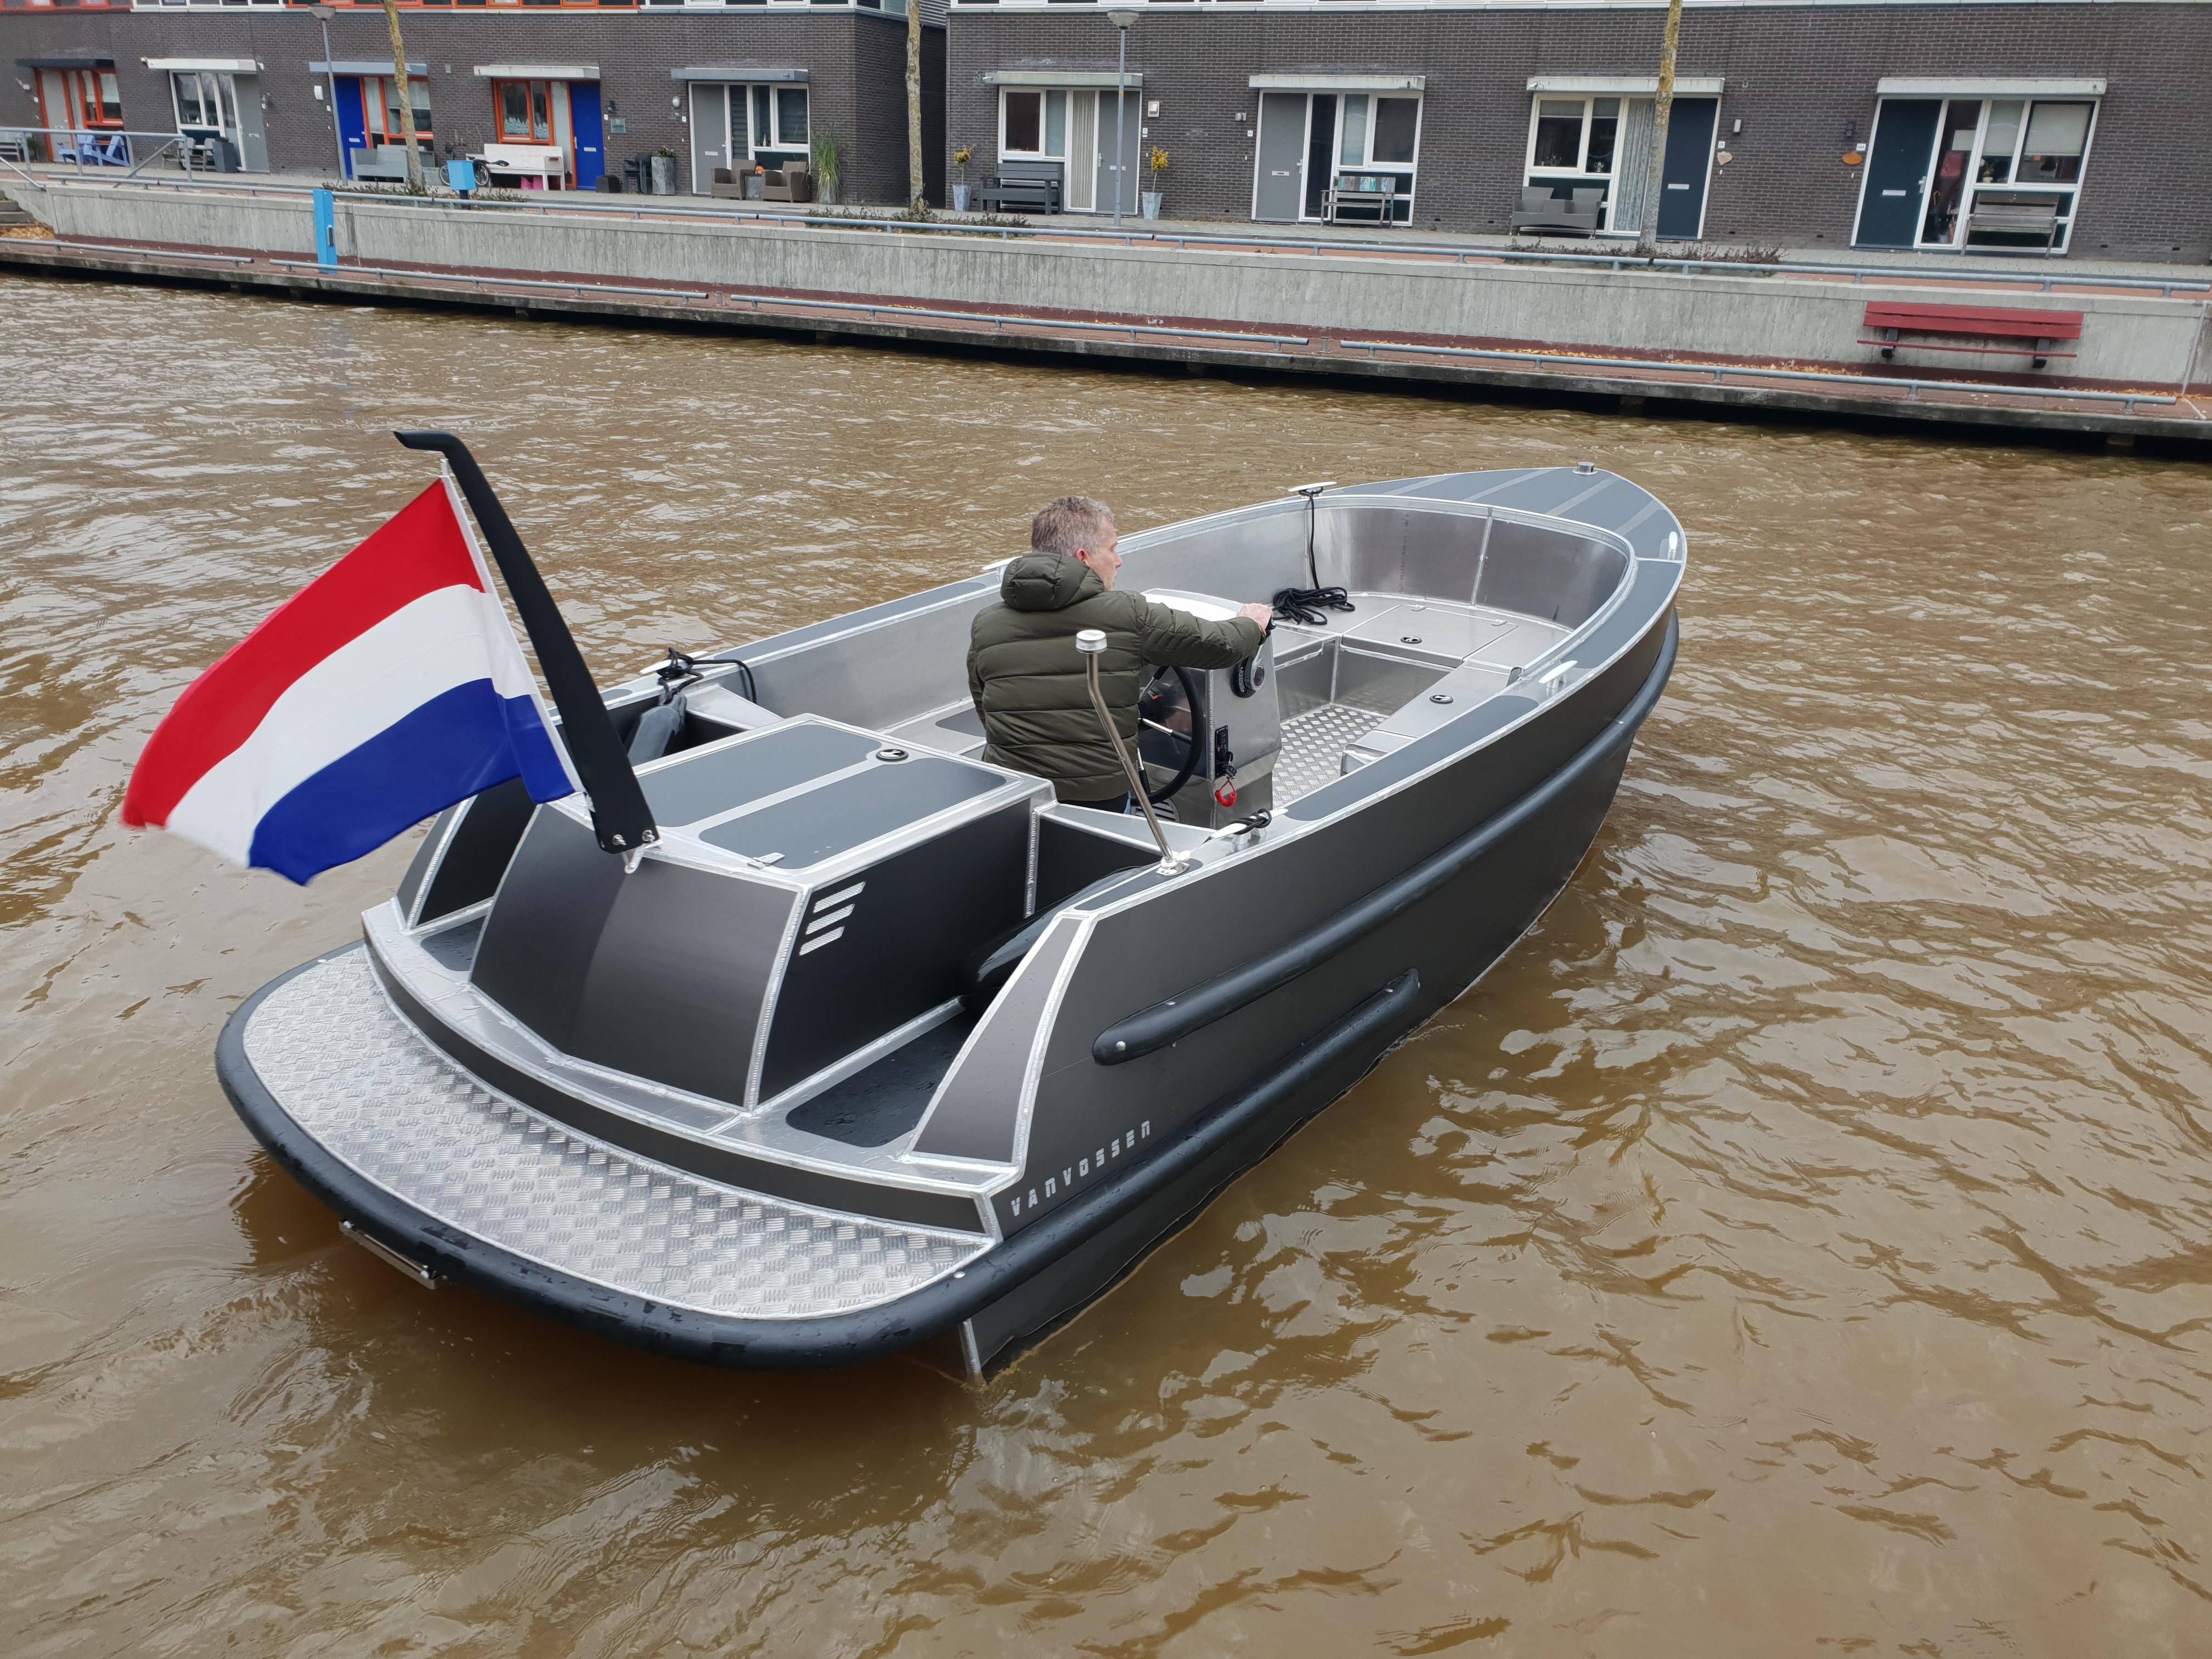 VanVossen Tender 600